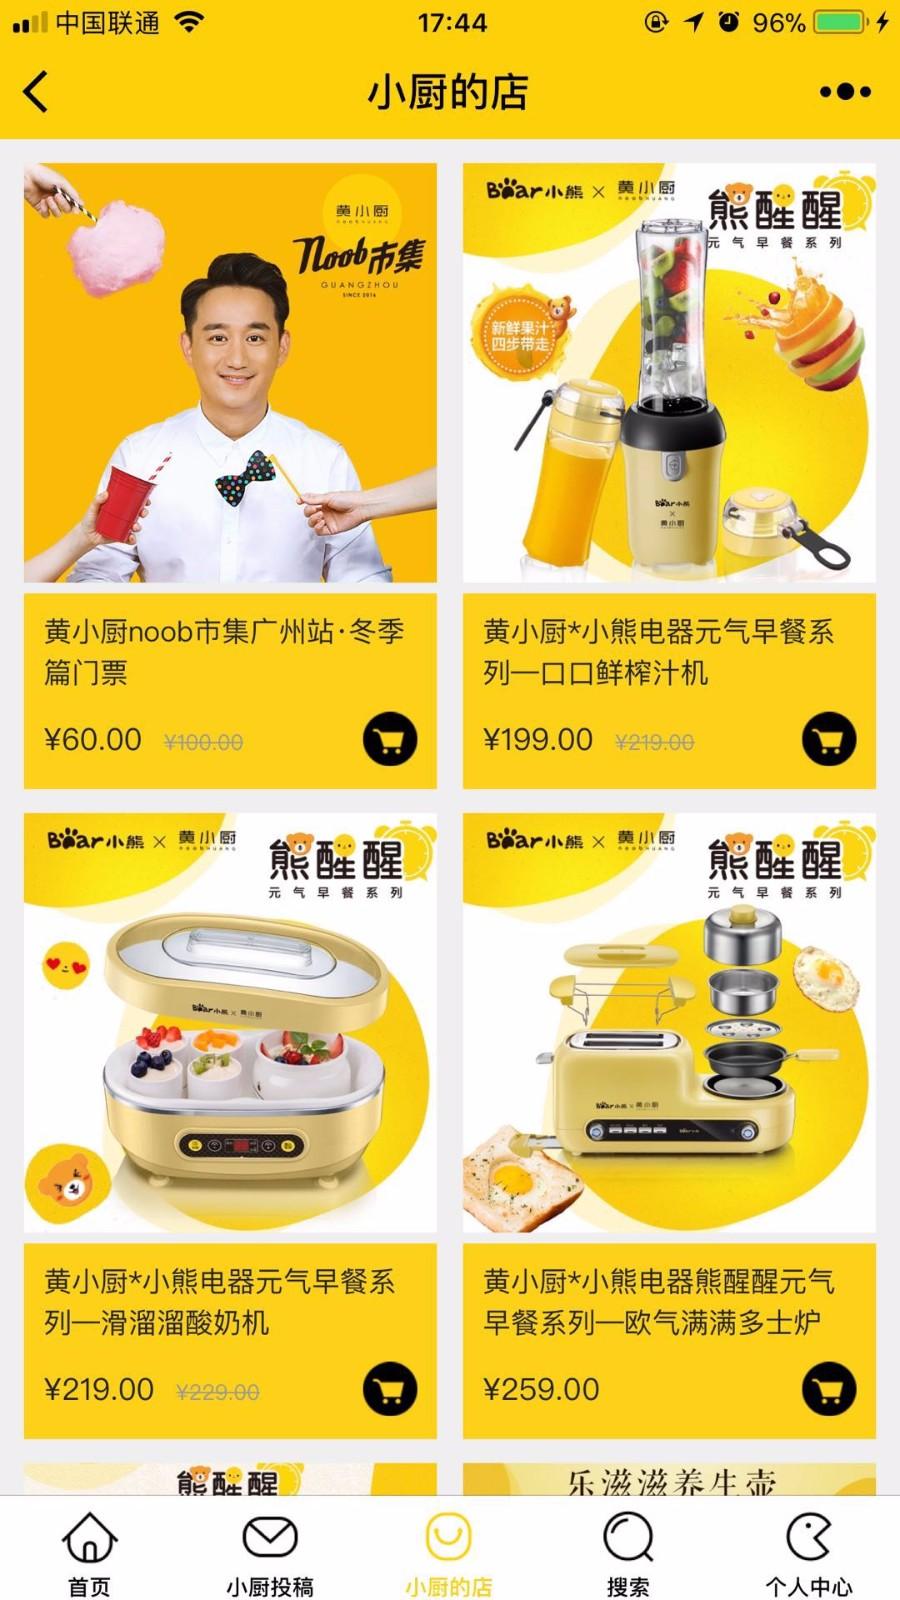 黄小厨美食生活小程序截图